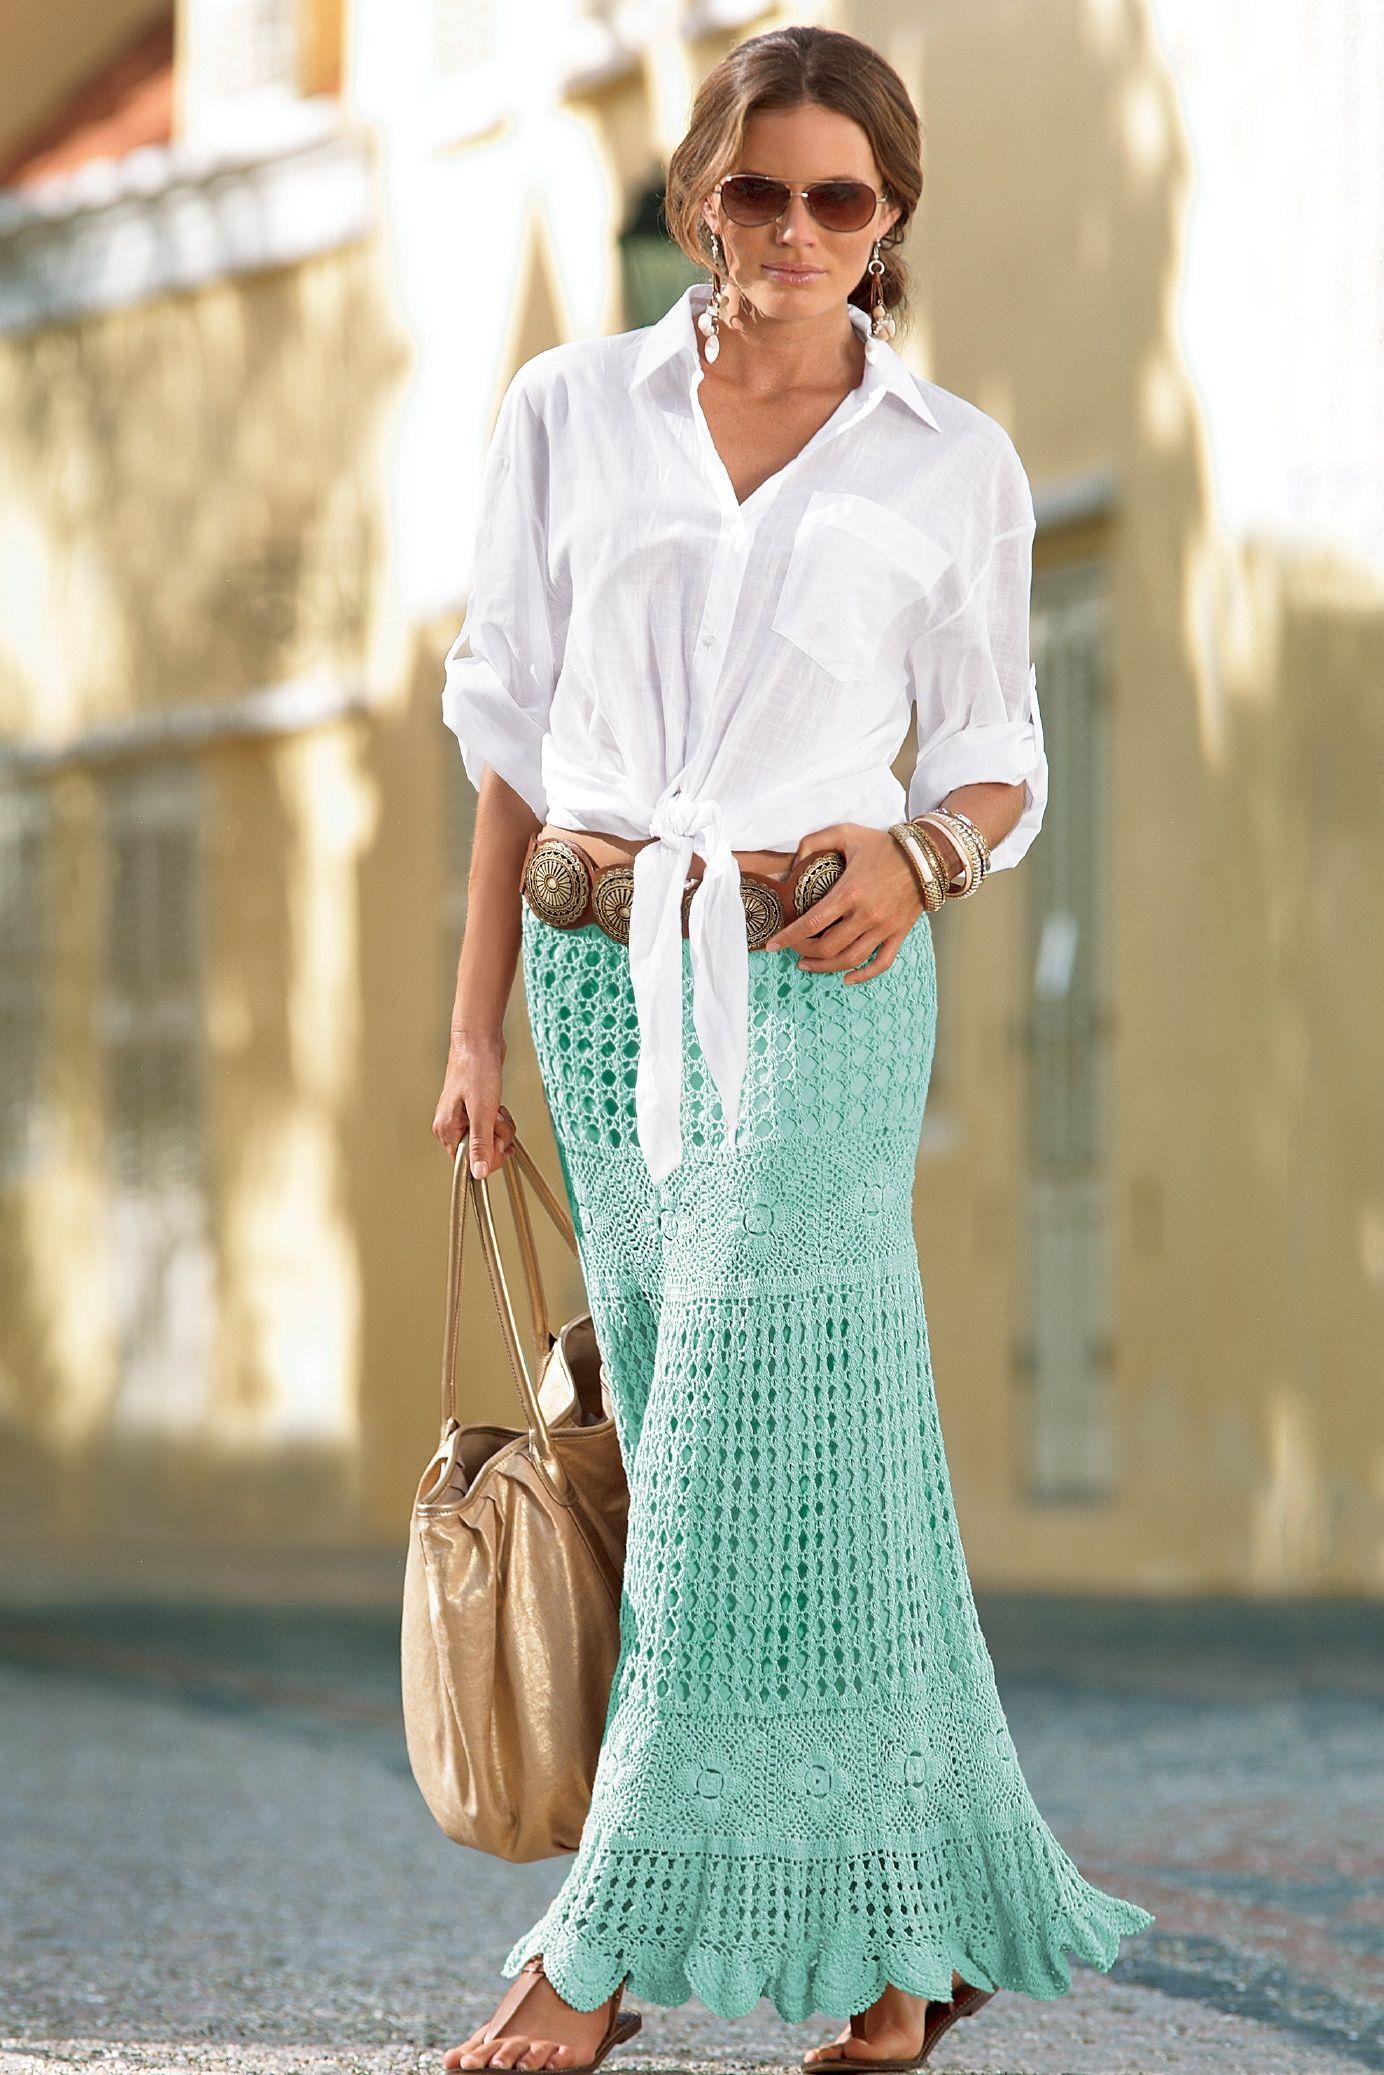 Boston Proper Hand Crocheted Boho Skirt #Bostonproper